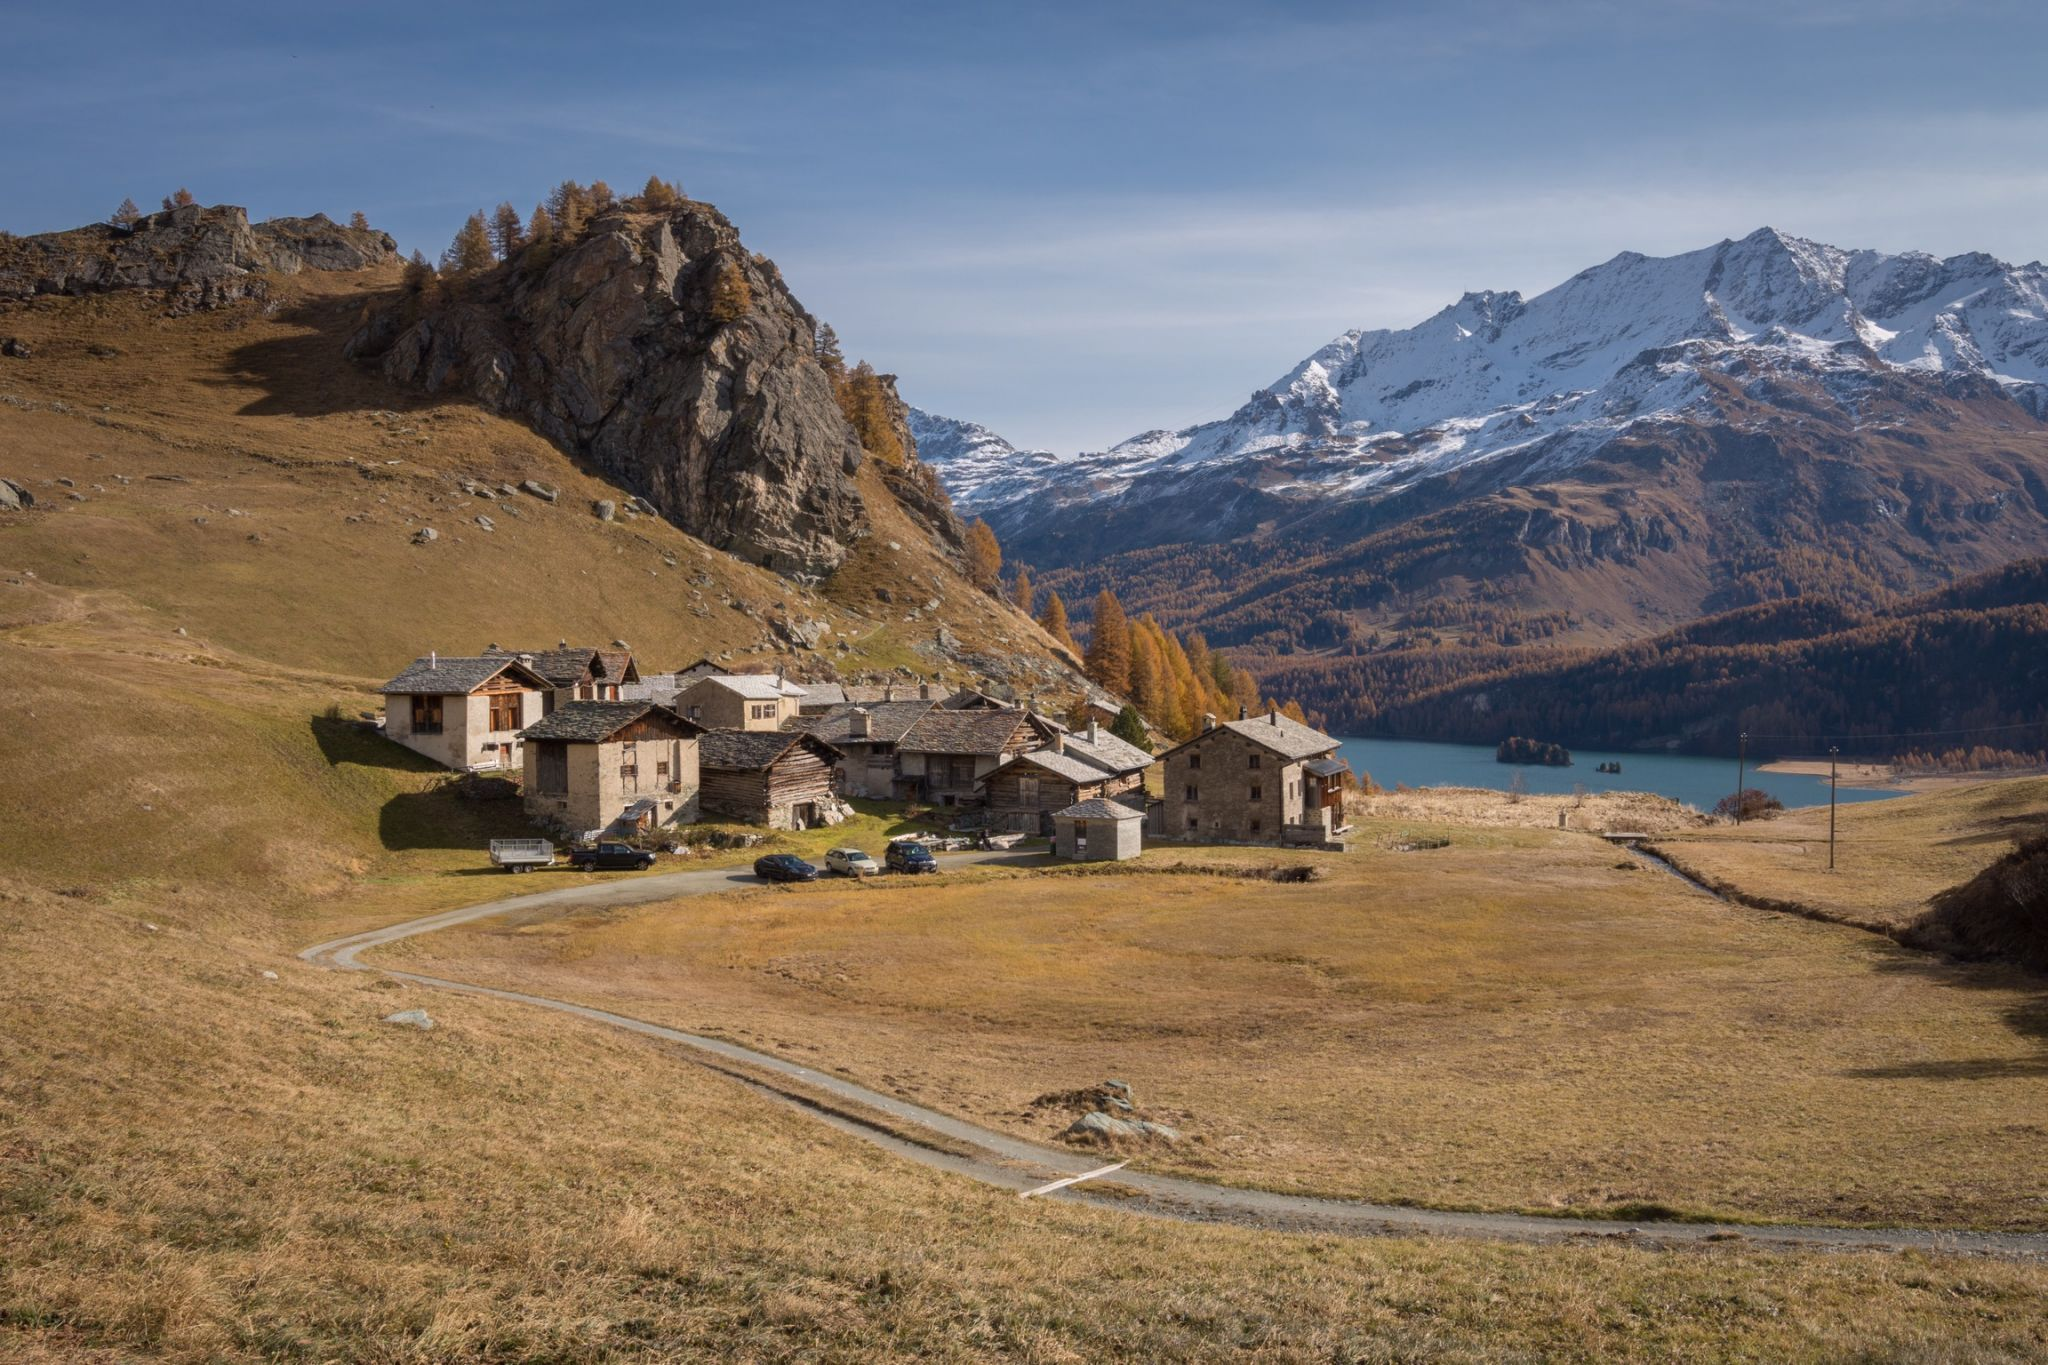 Grevasalvas, Switzerland